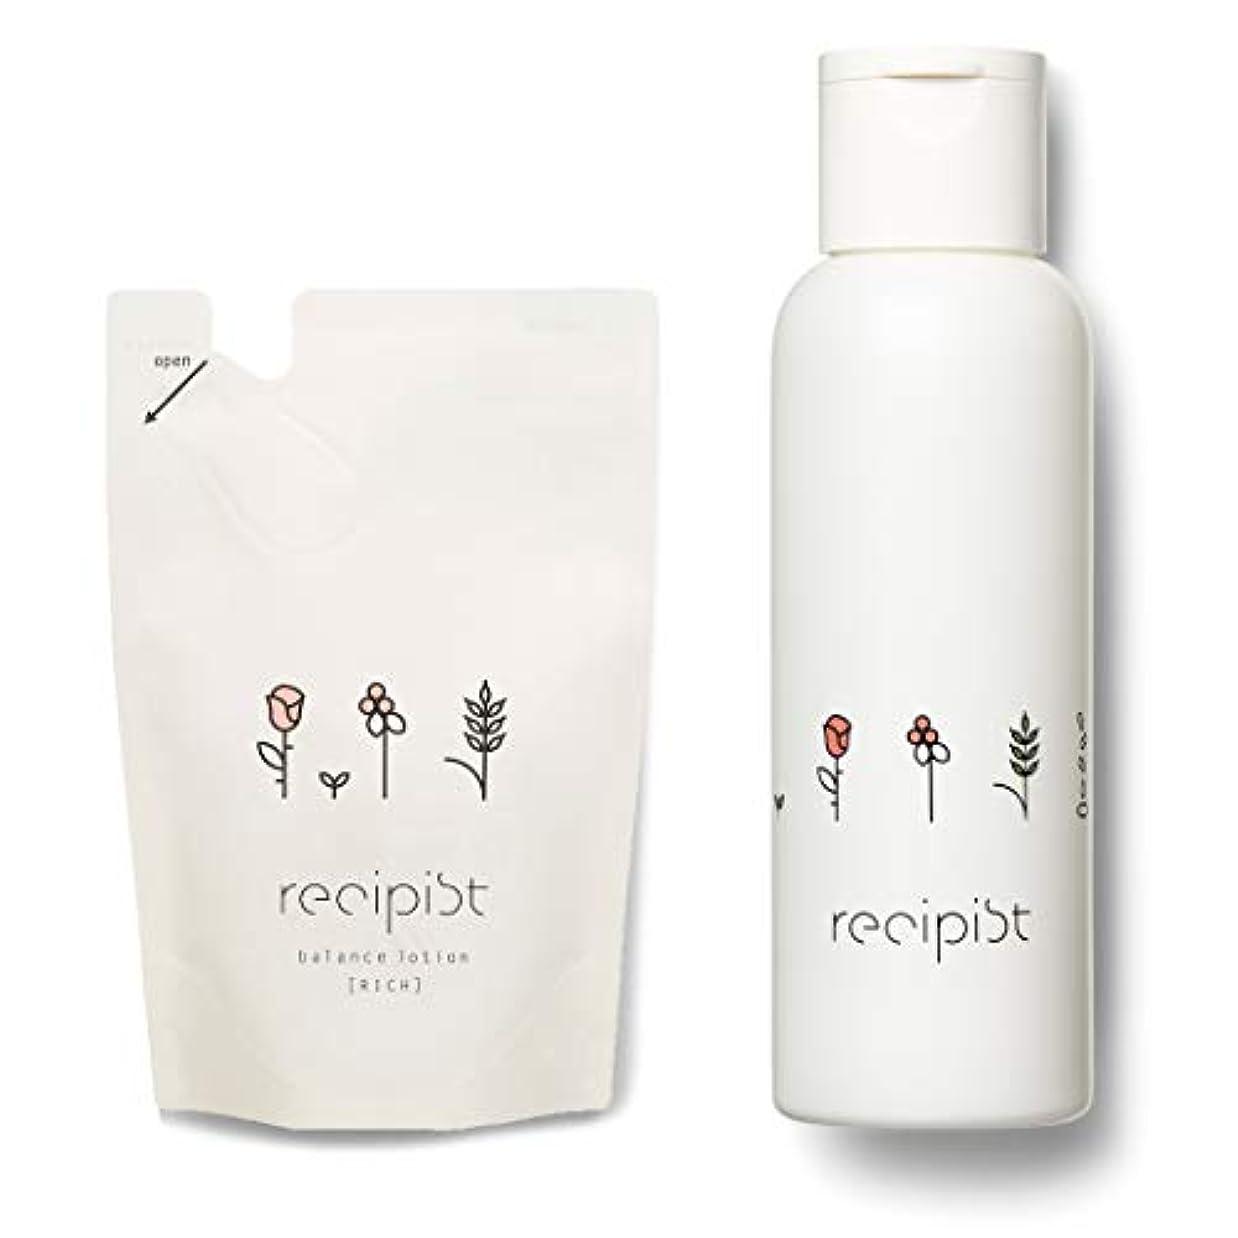 綺麗な感情布レシピスト バランスととのう化粧水 リッチ (しっとり) 詰め替え用 180mL + 選べるボトル (ホワイト) 自然由来成分